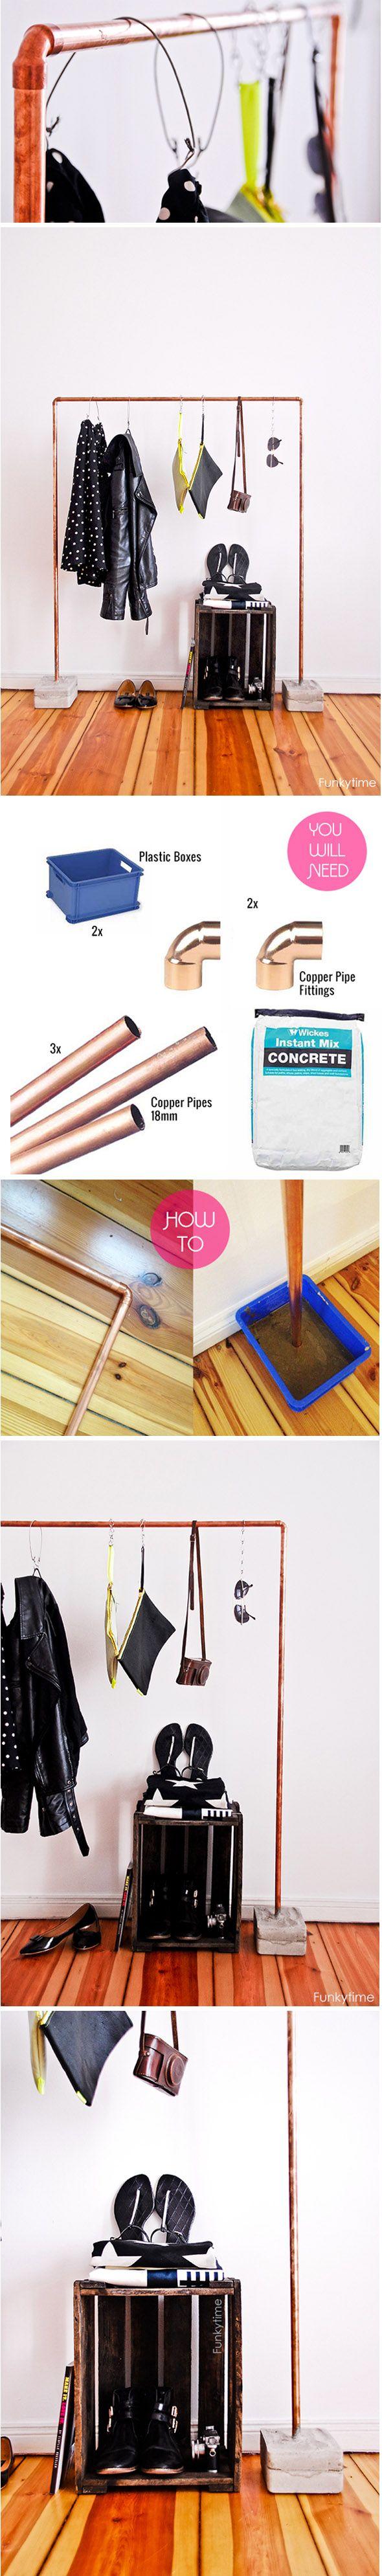 Muy Ingenioso Colgador de ropa con tuberías de cobre - Muy Ingenioso